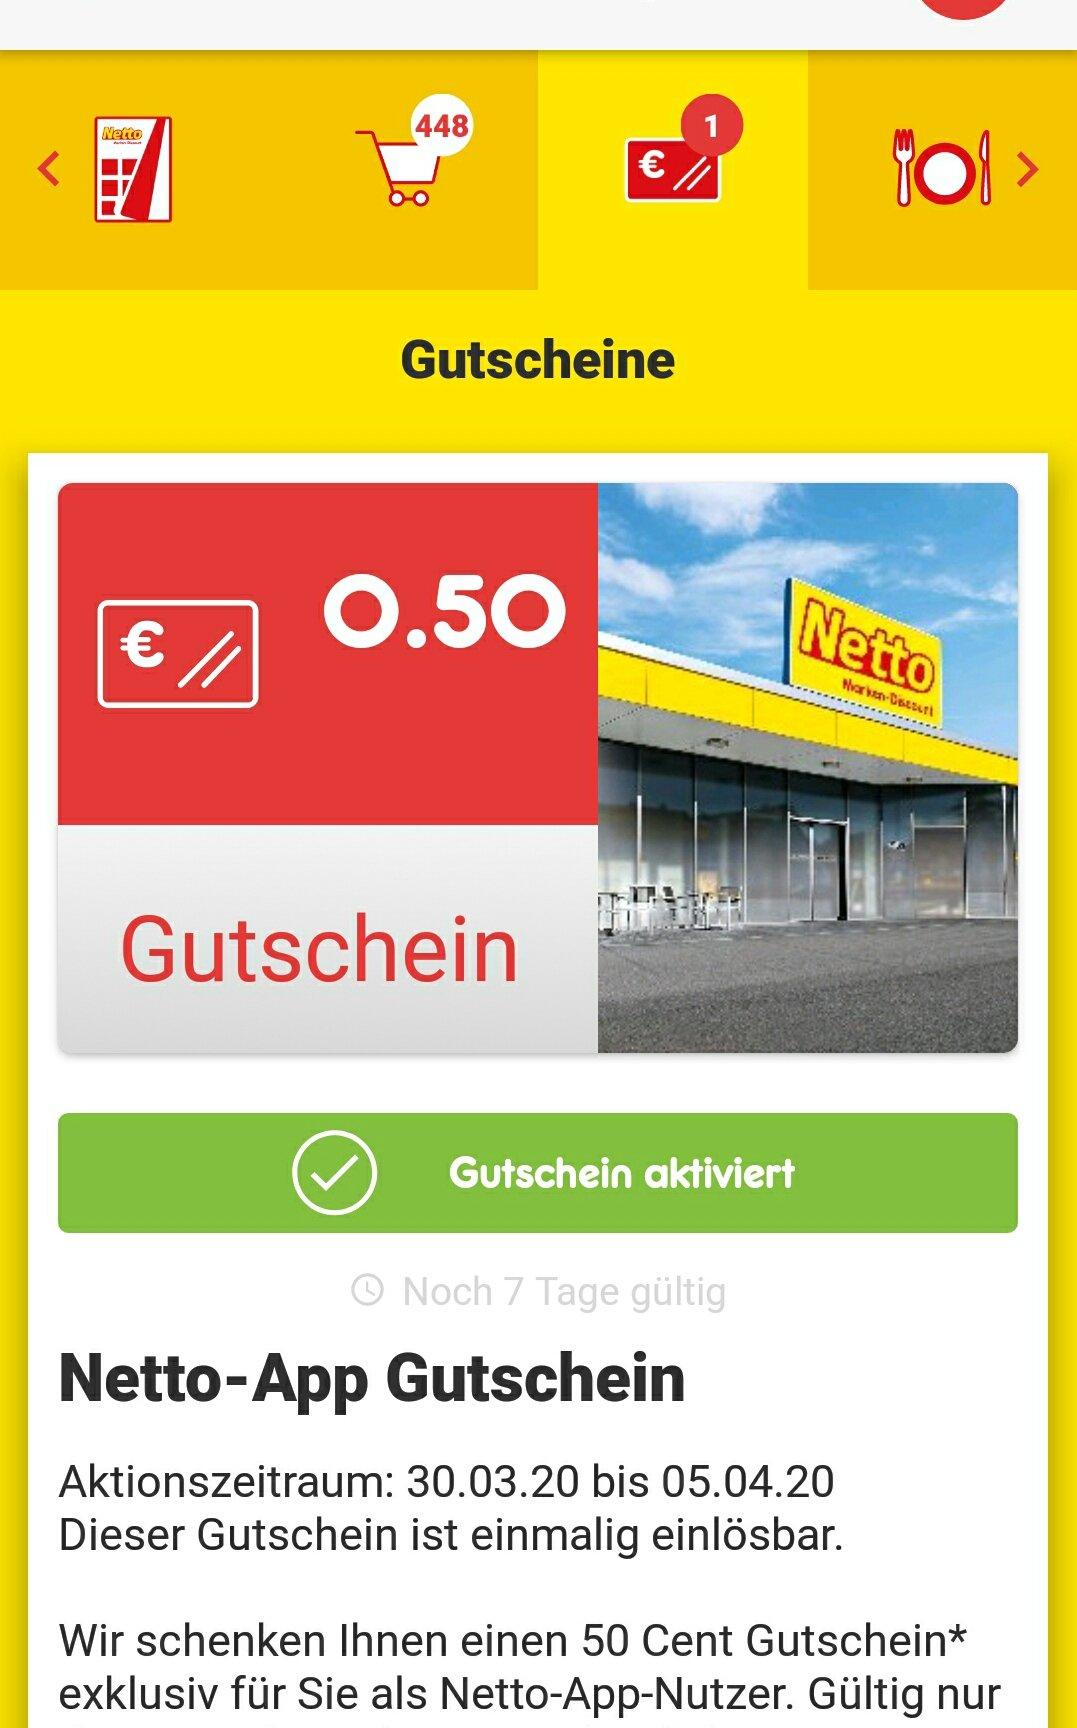 Deutschlandkarte Netto Anmeldung الصور Joansmurder Info